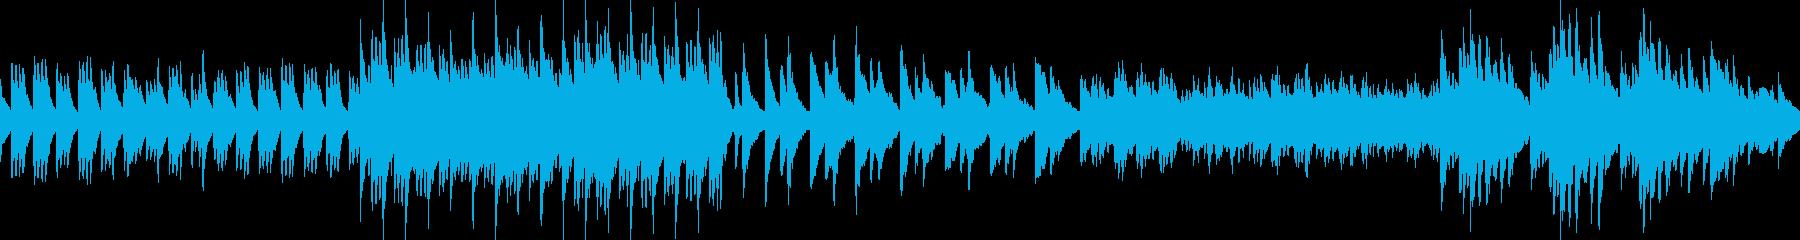 透明で美しいピアノバラード(ループ)の再生済みの波形